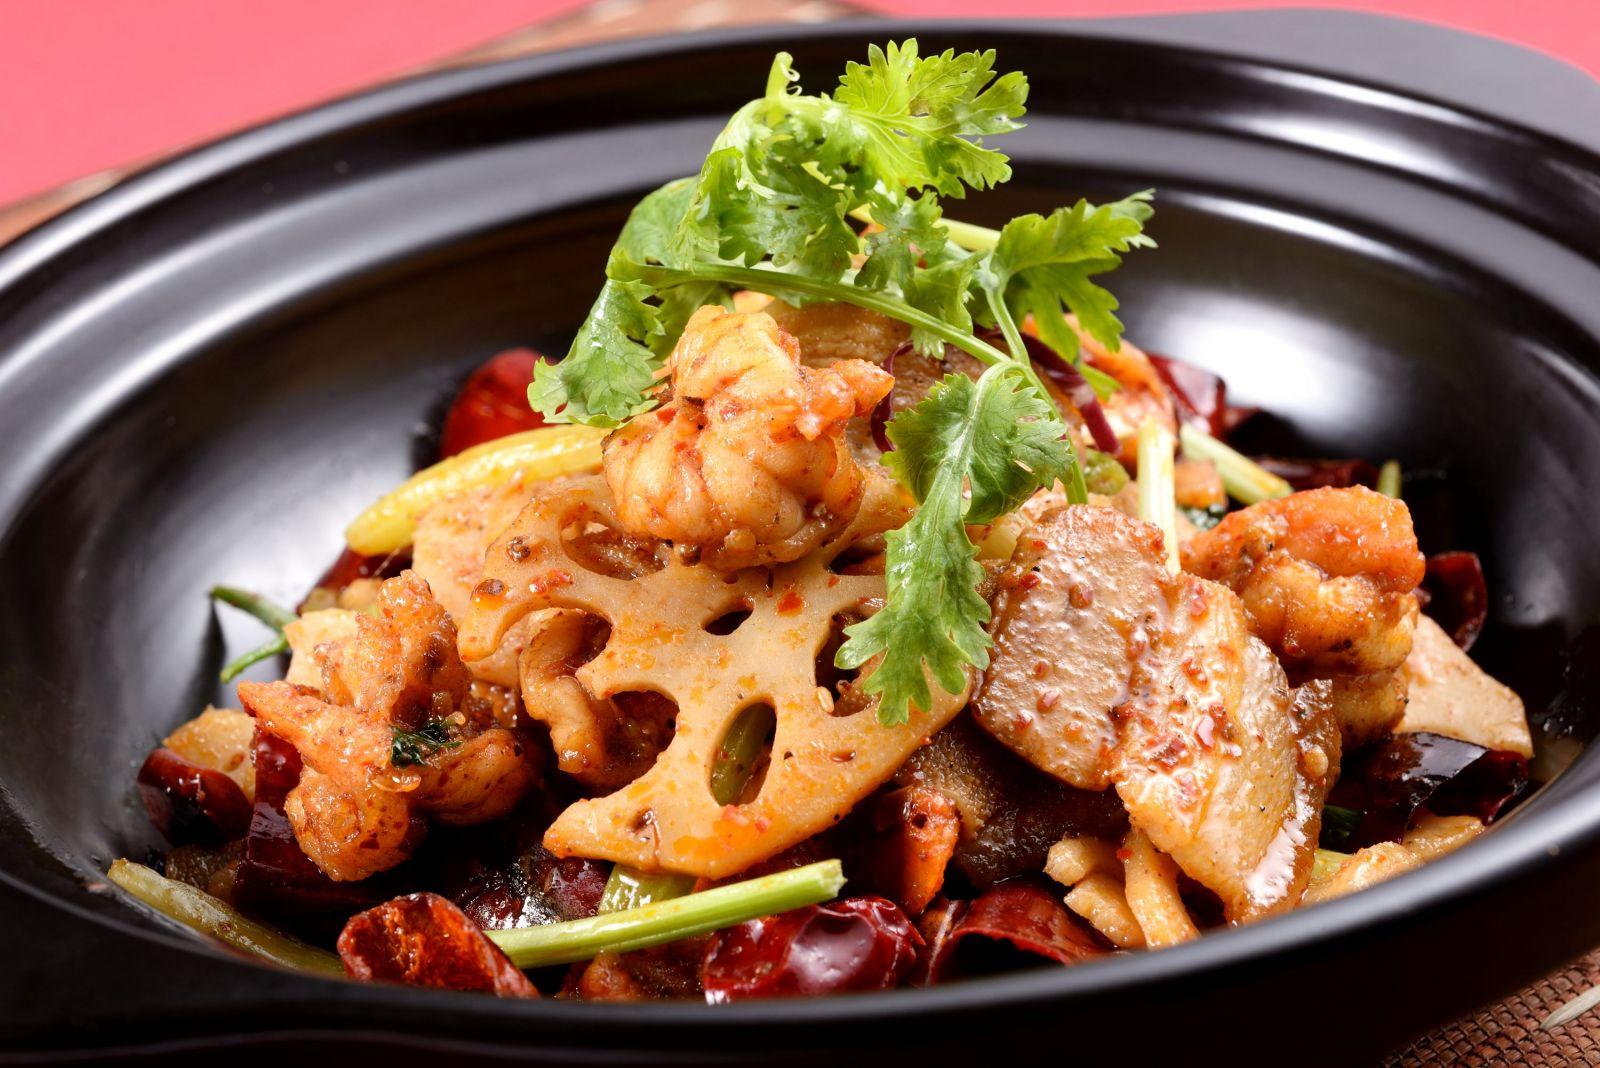 【川菜廳】麻辣誘惑 國賓川菜廳推出溫暖鍋物